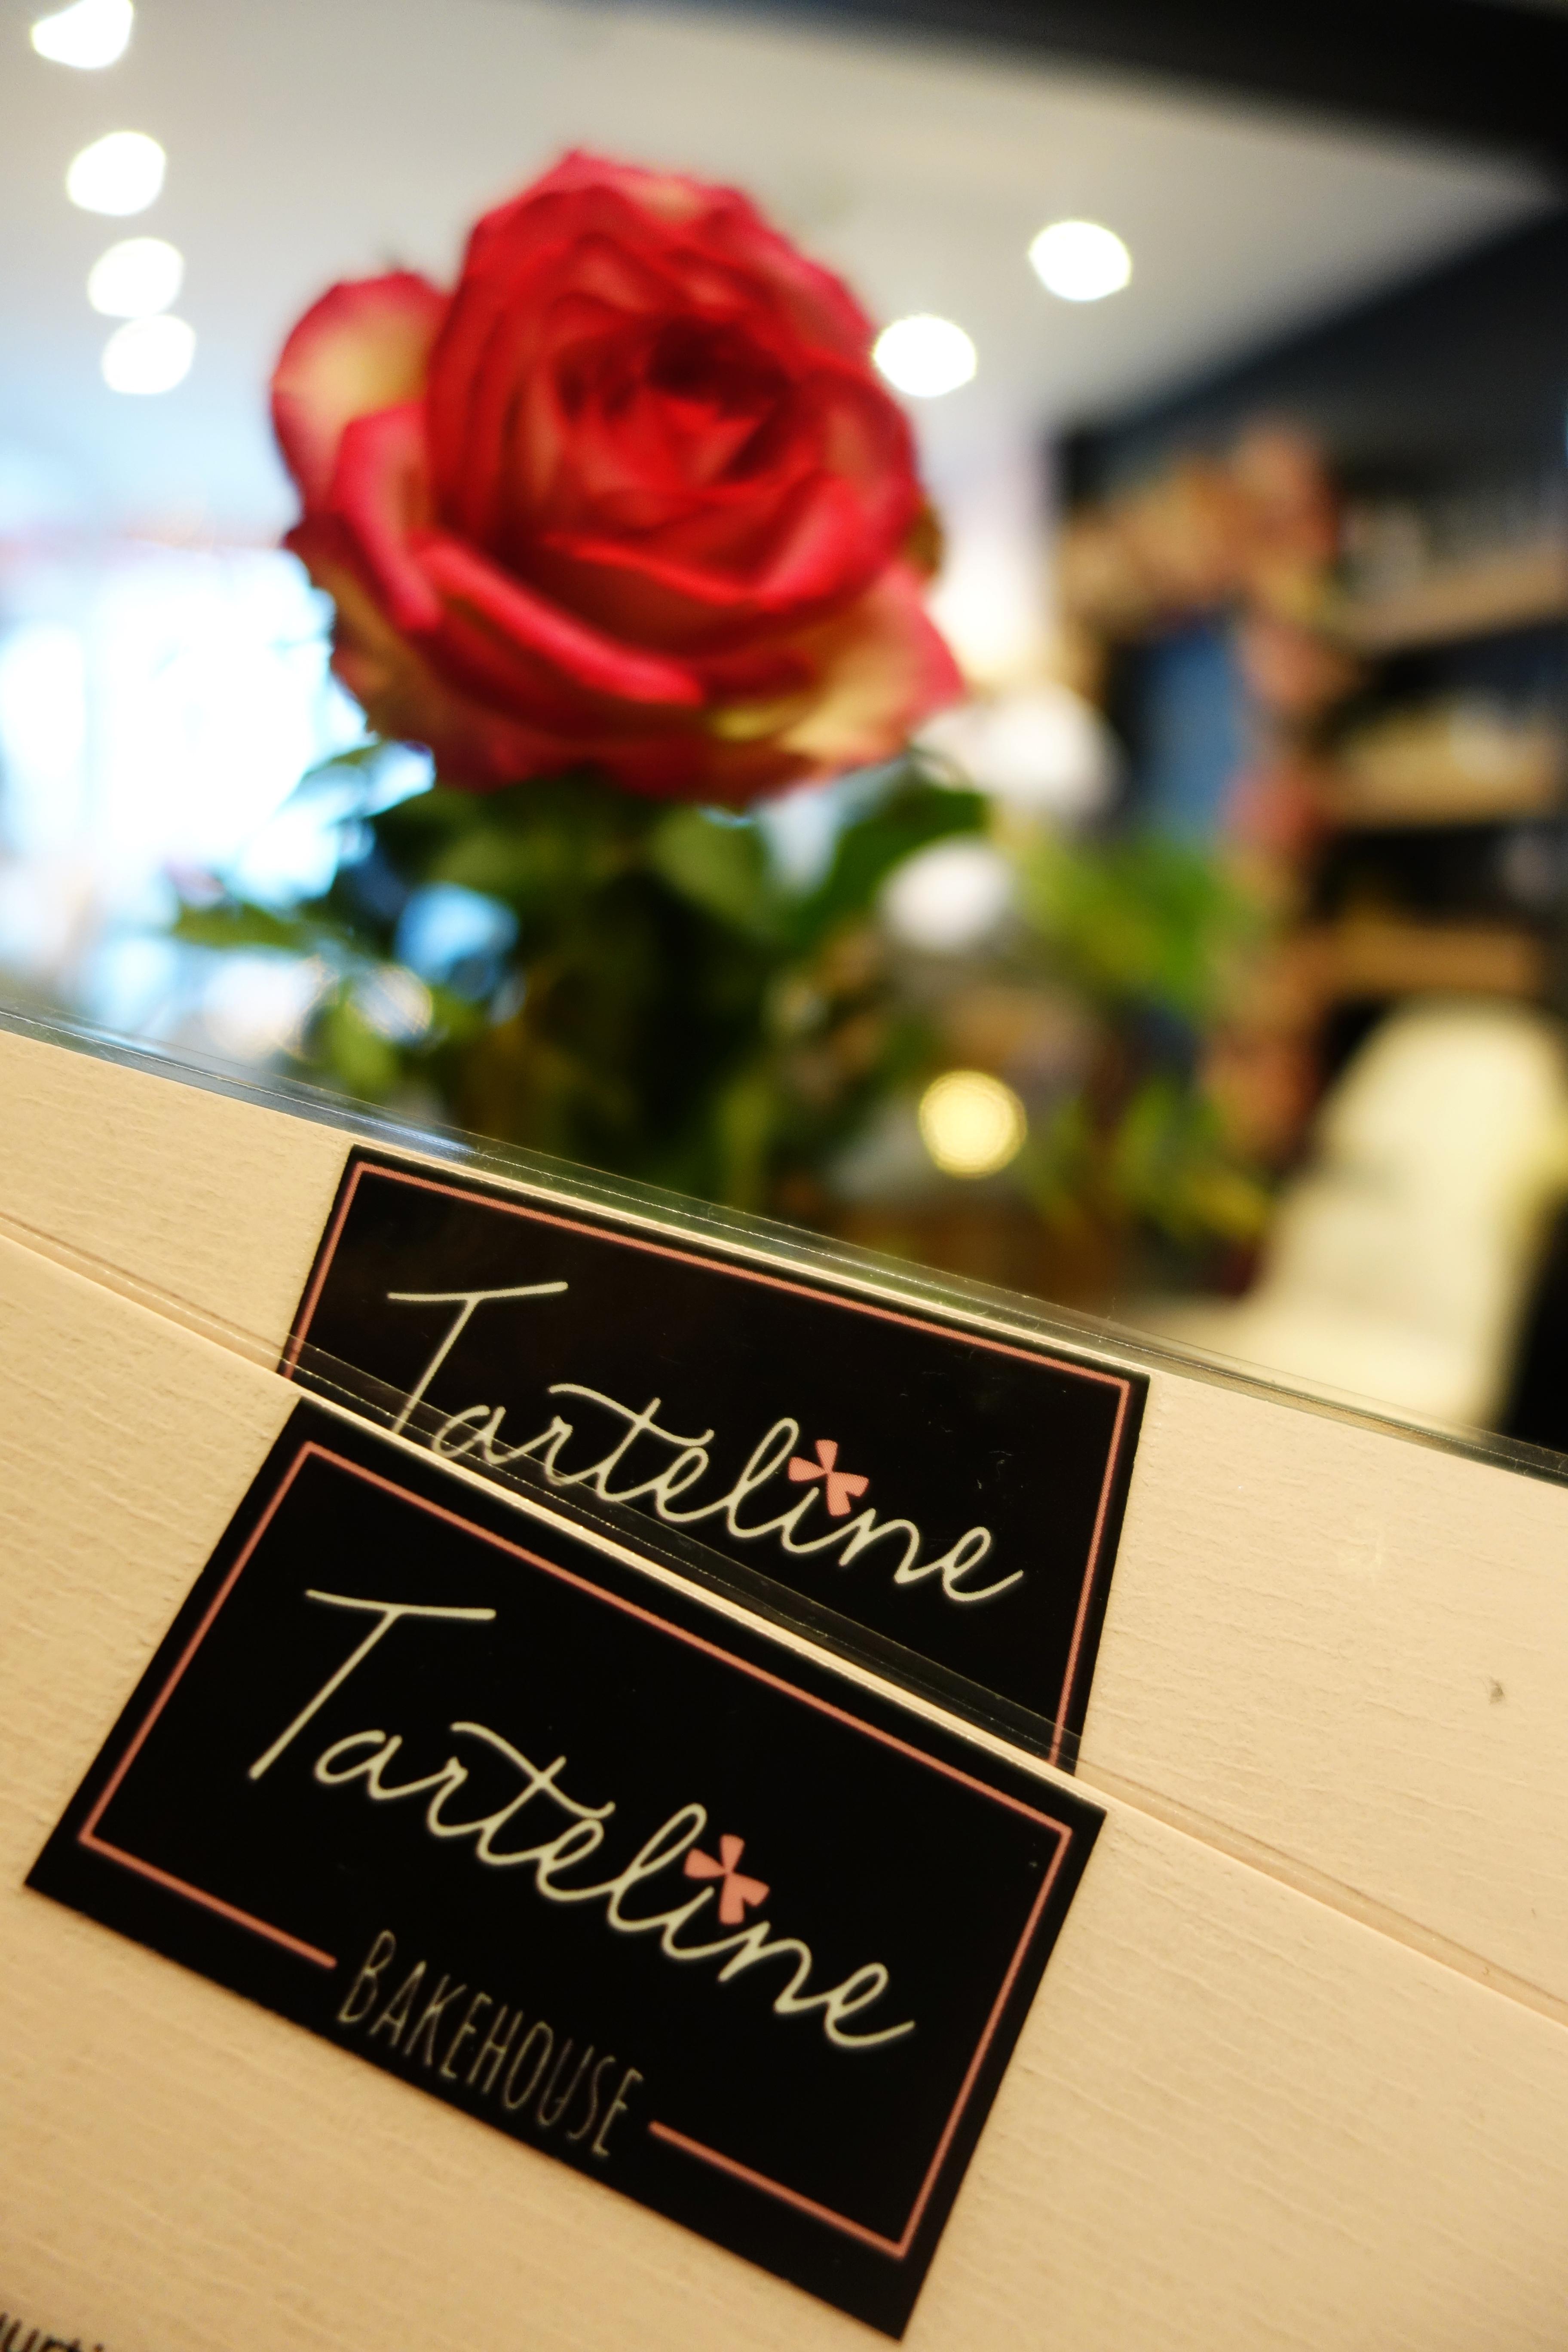 TARTELINE BAKEHOUSE BRUGGE